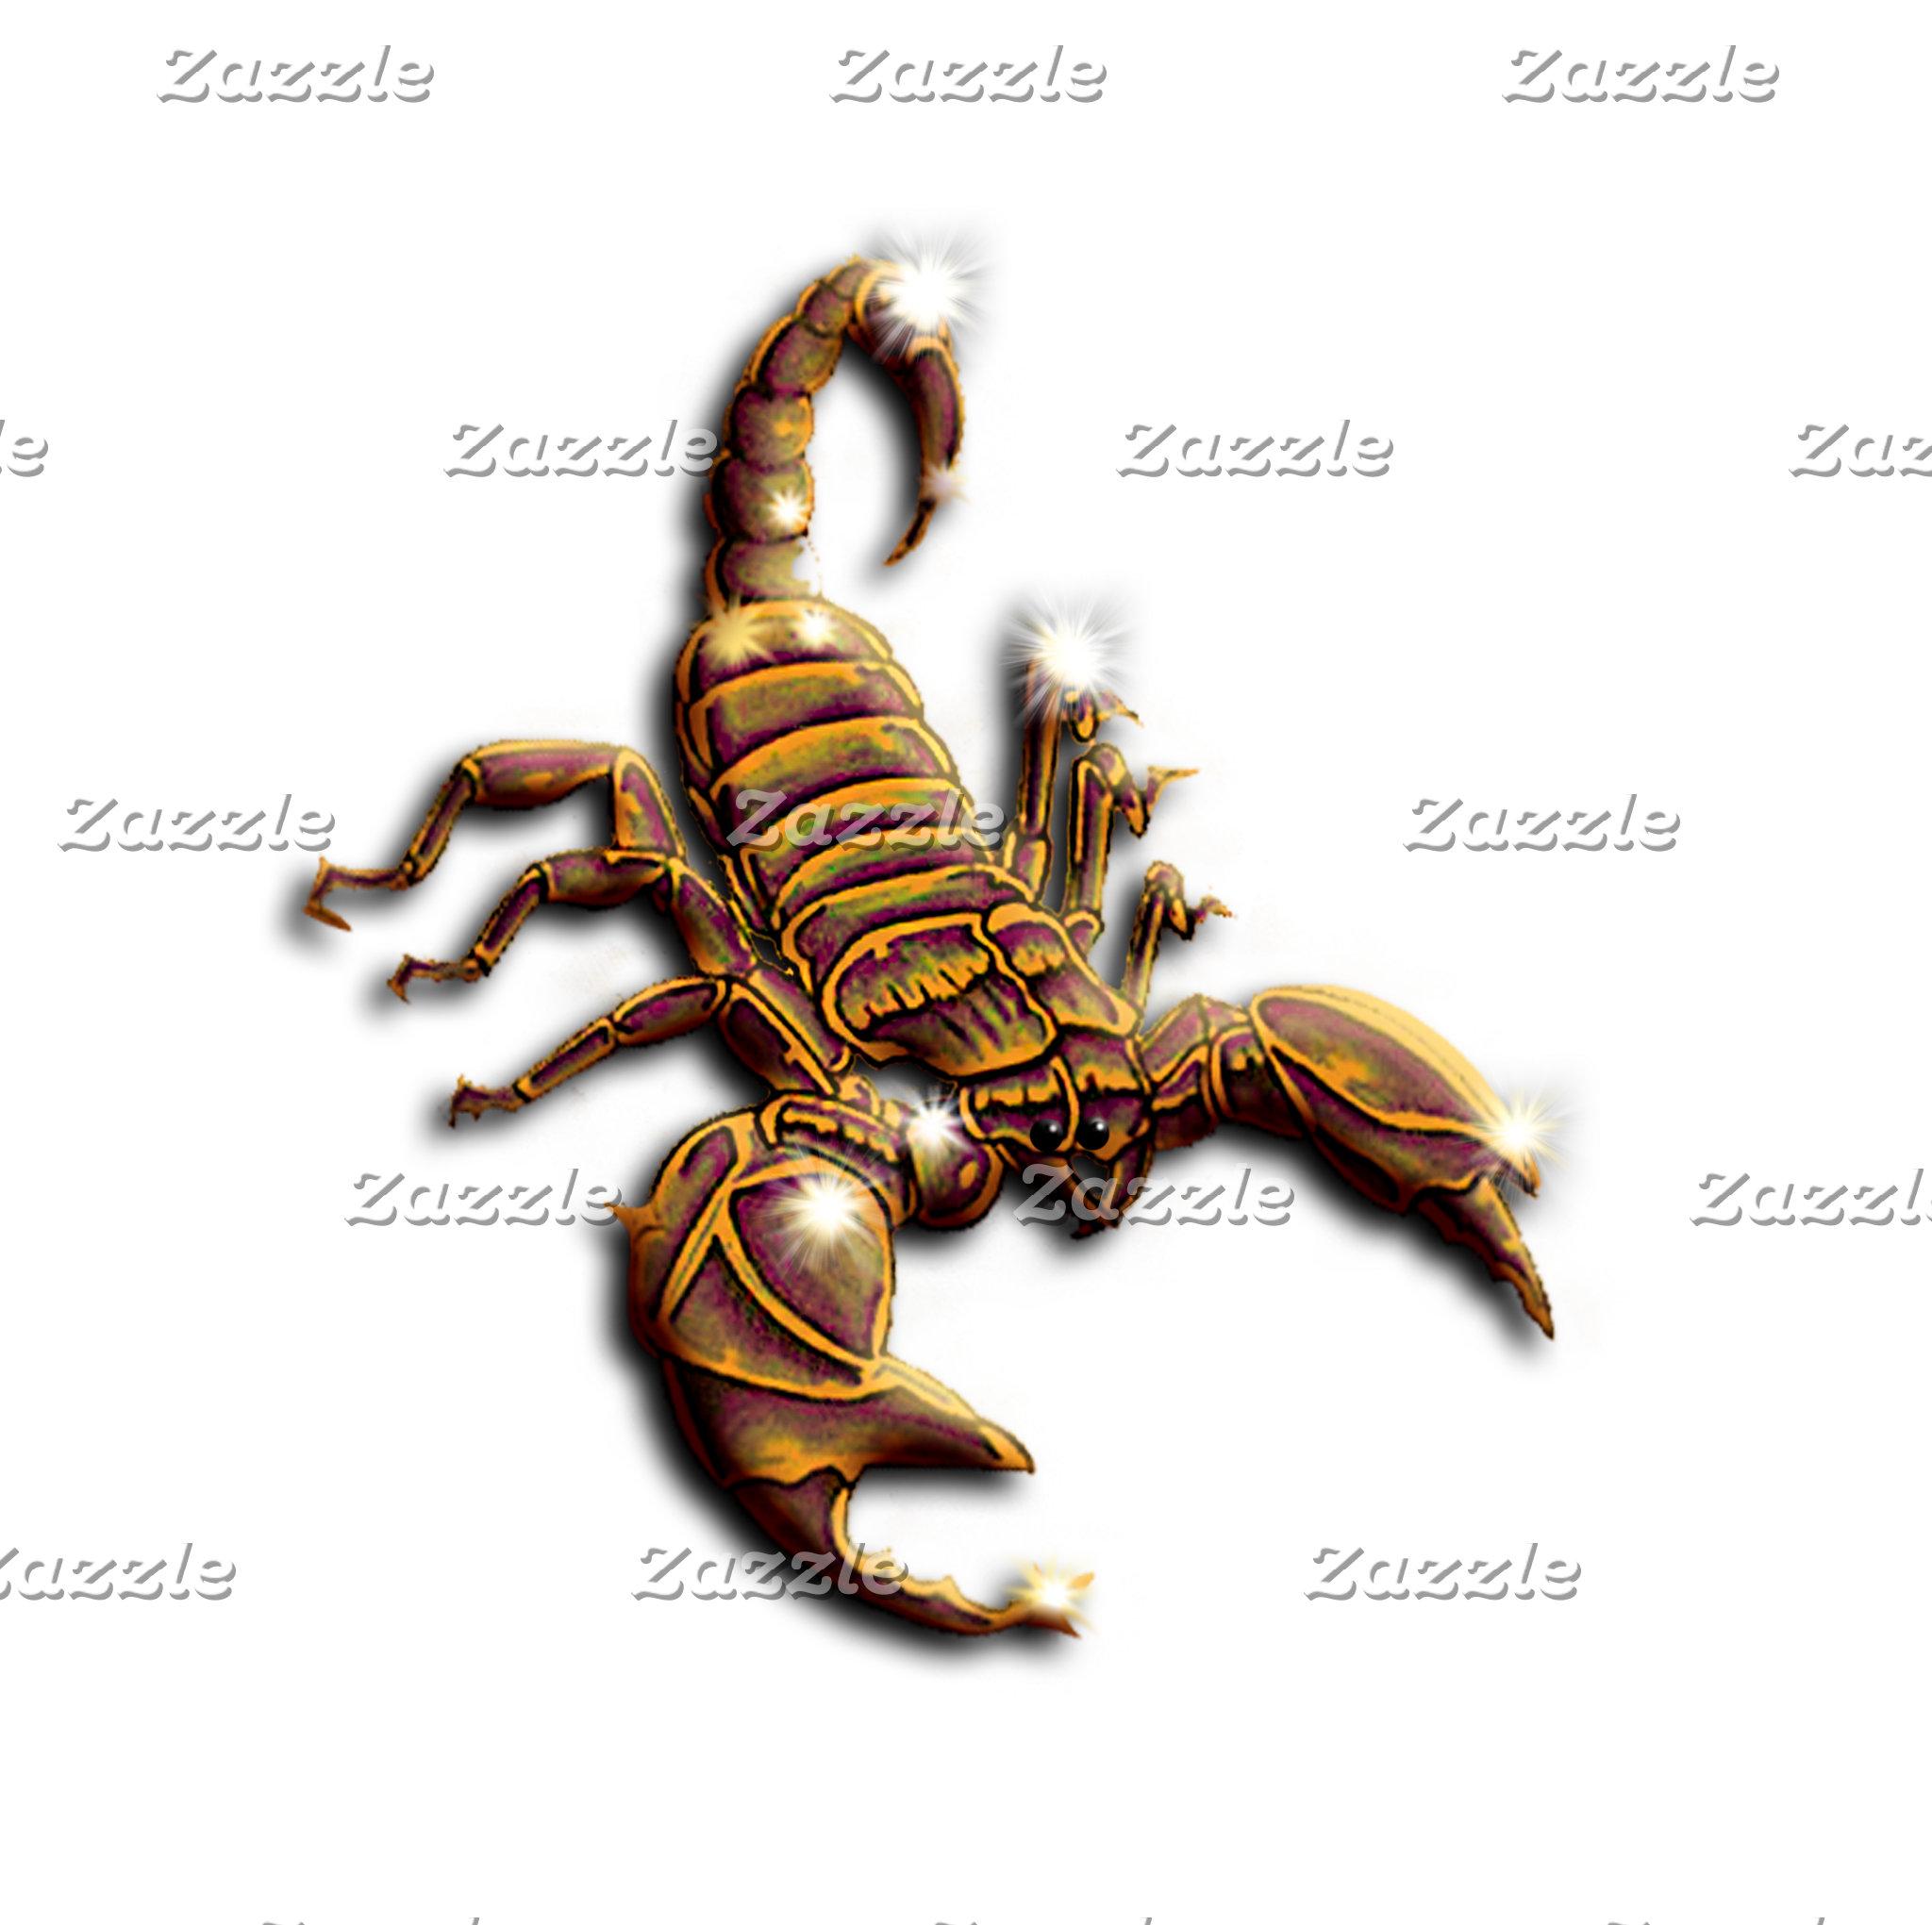 VENOMOUS ANIMALS, SCORPIONS, SPIDERS